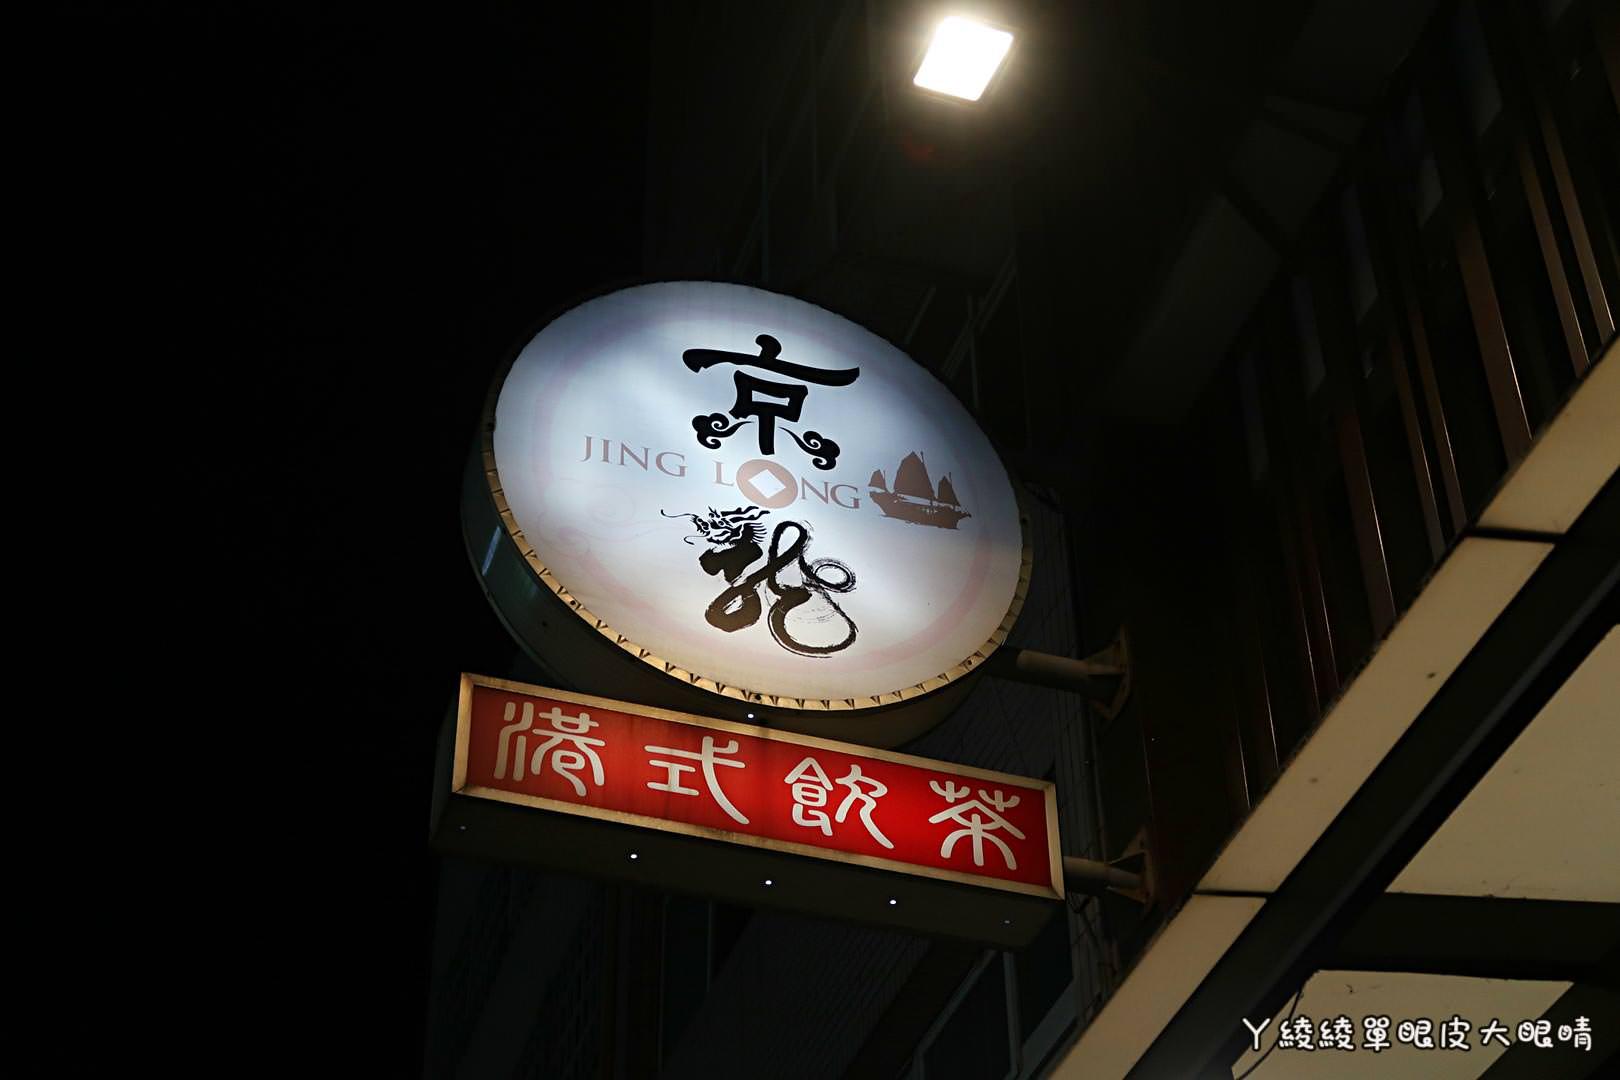 新竹東區港式飲茶,京龍小館即日起消費199元吃到飽